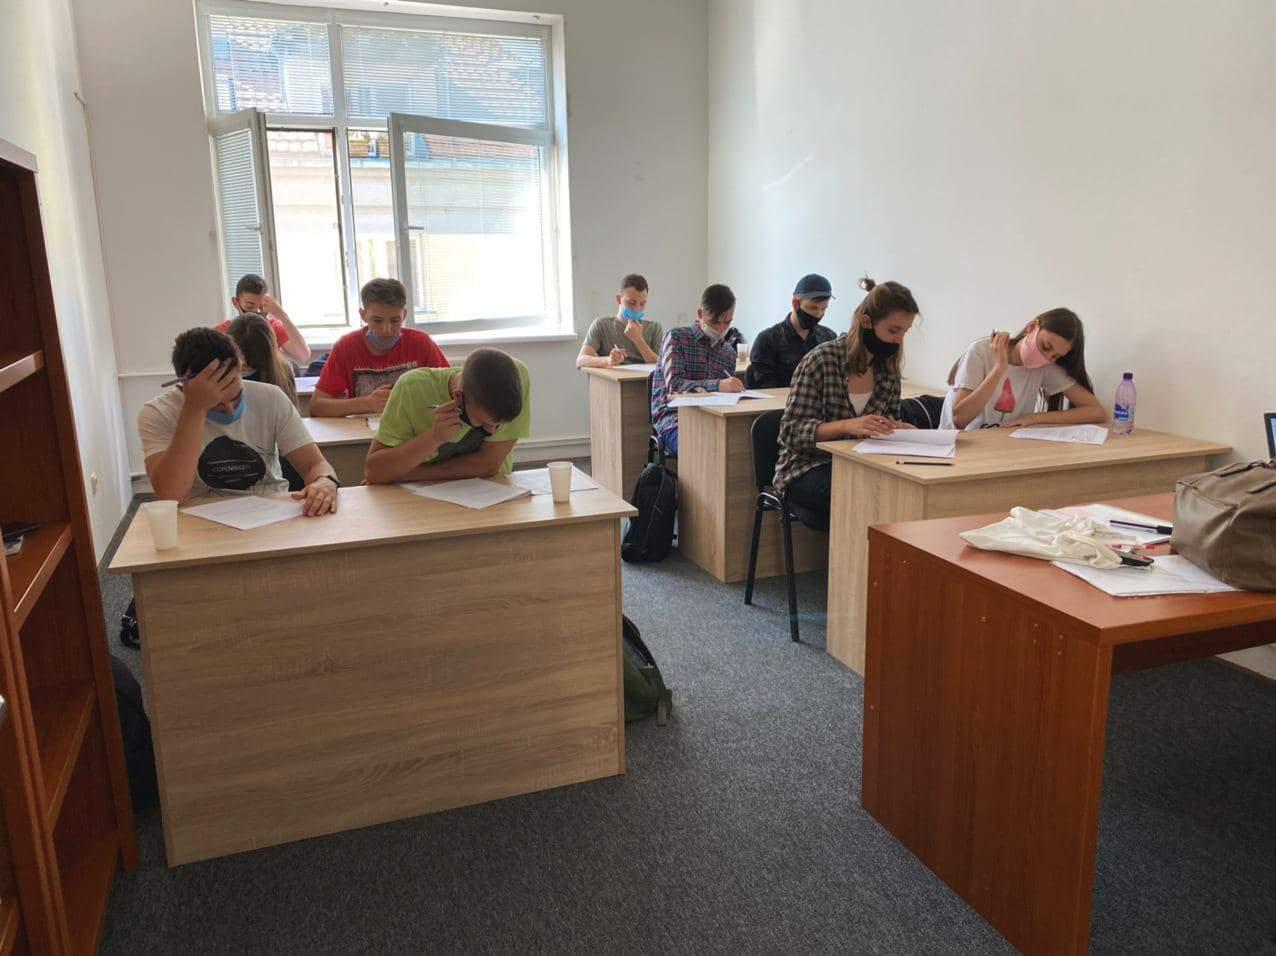 освіта в словаччині, безкоштовна освіта в словаччині, навчання за кордоном, little dream словаччина